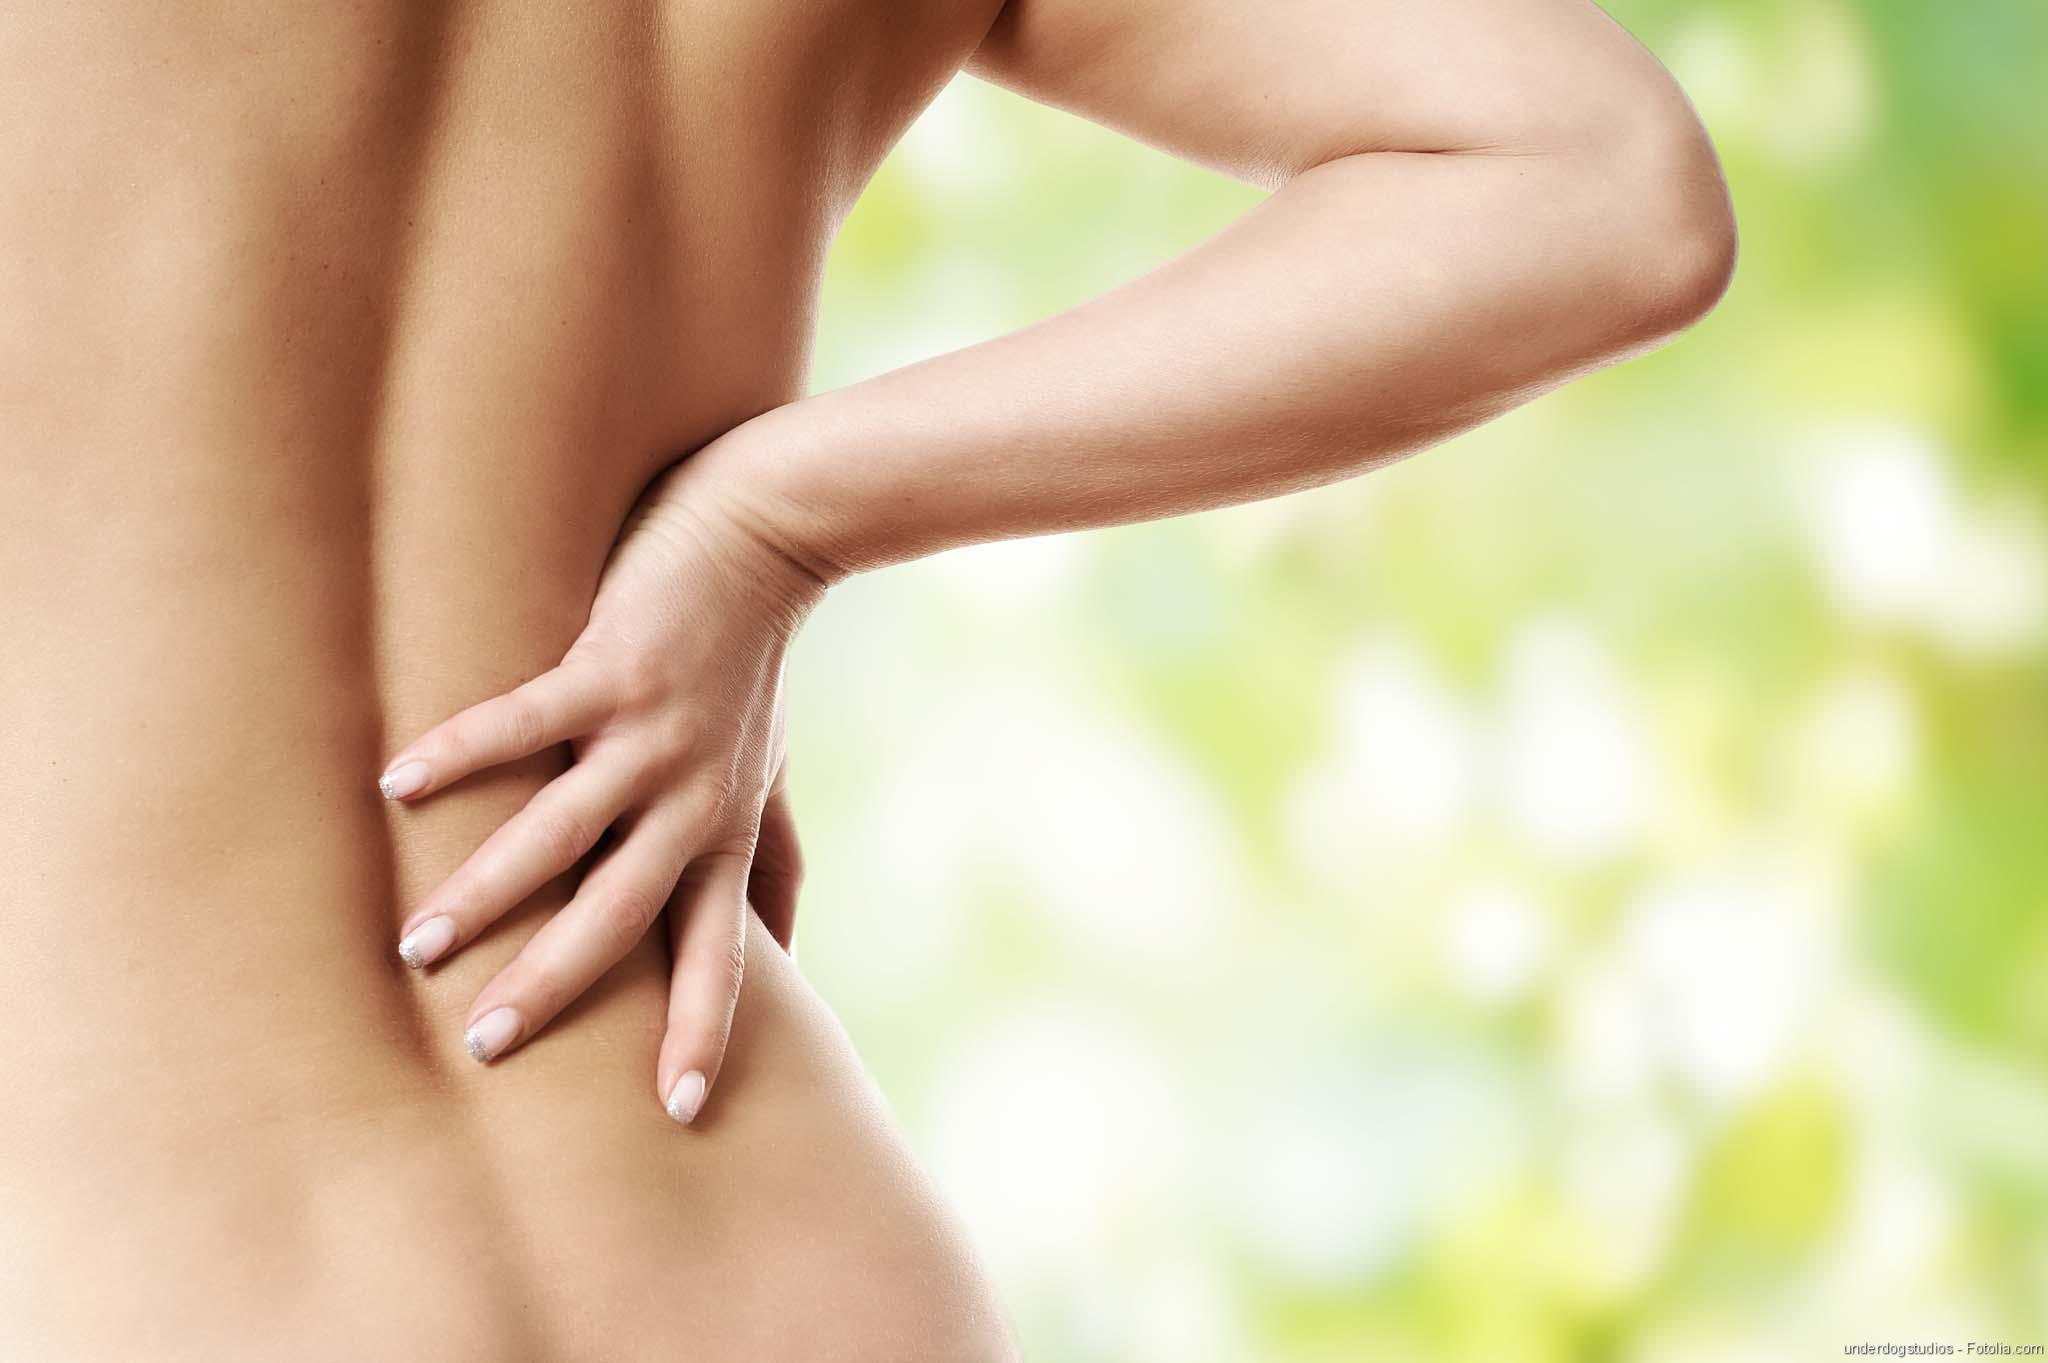 Rücken, Gesunder Rücken, Bandscheibenvorfall: Rückenschmerzen